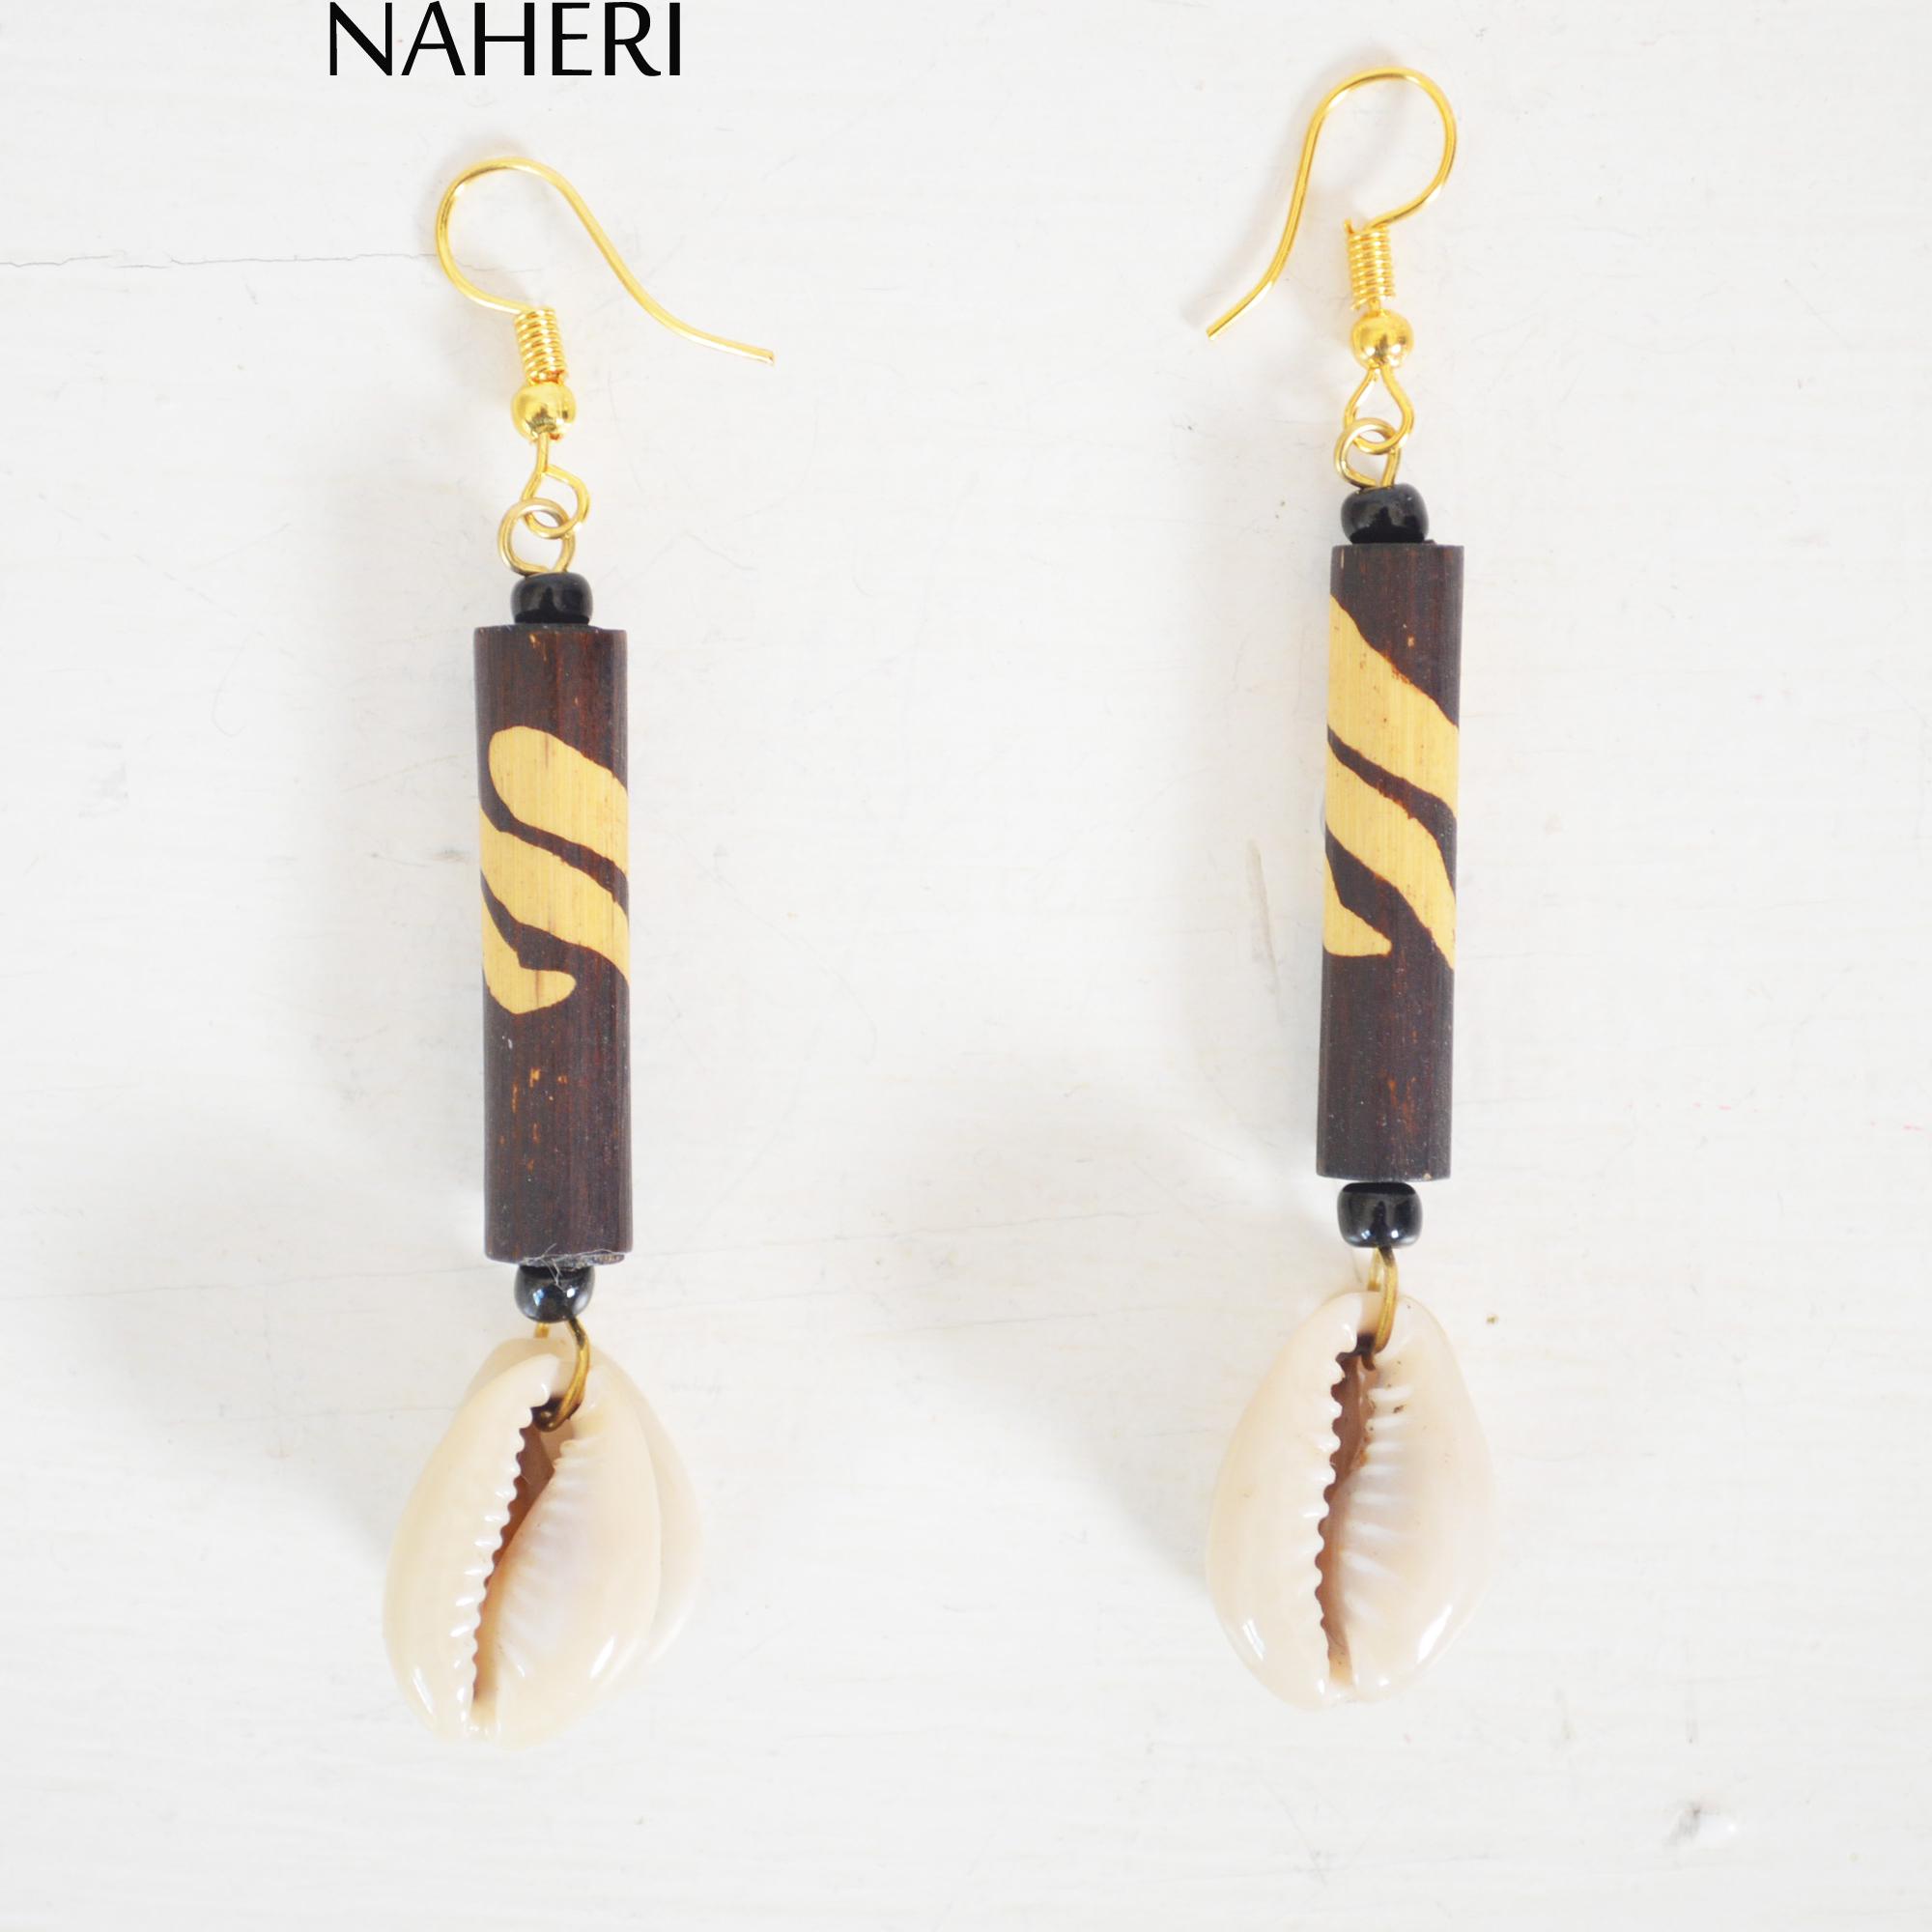 African Fabric Tribal Earrings  Tassels Cowrie Shells Earrings  Statement Earrings  for Pierced Ears